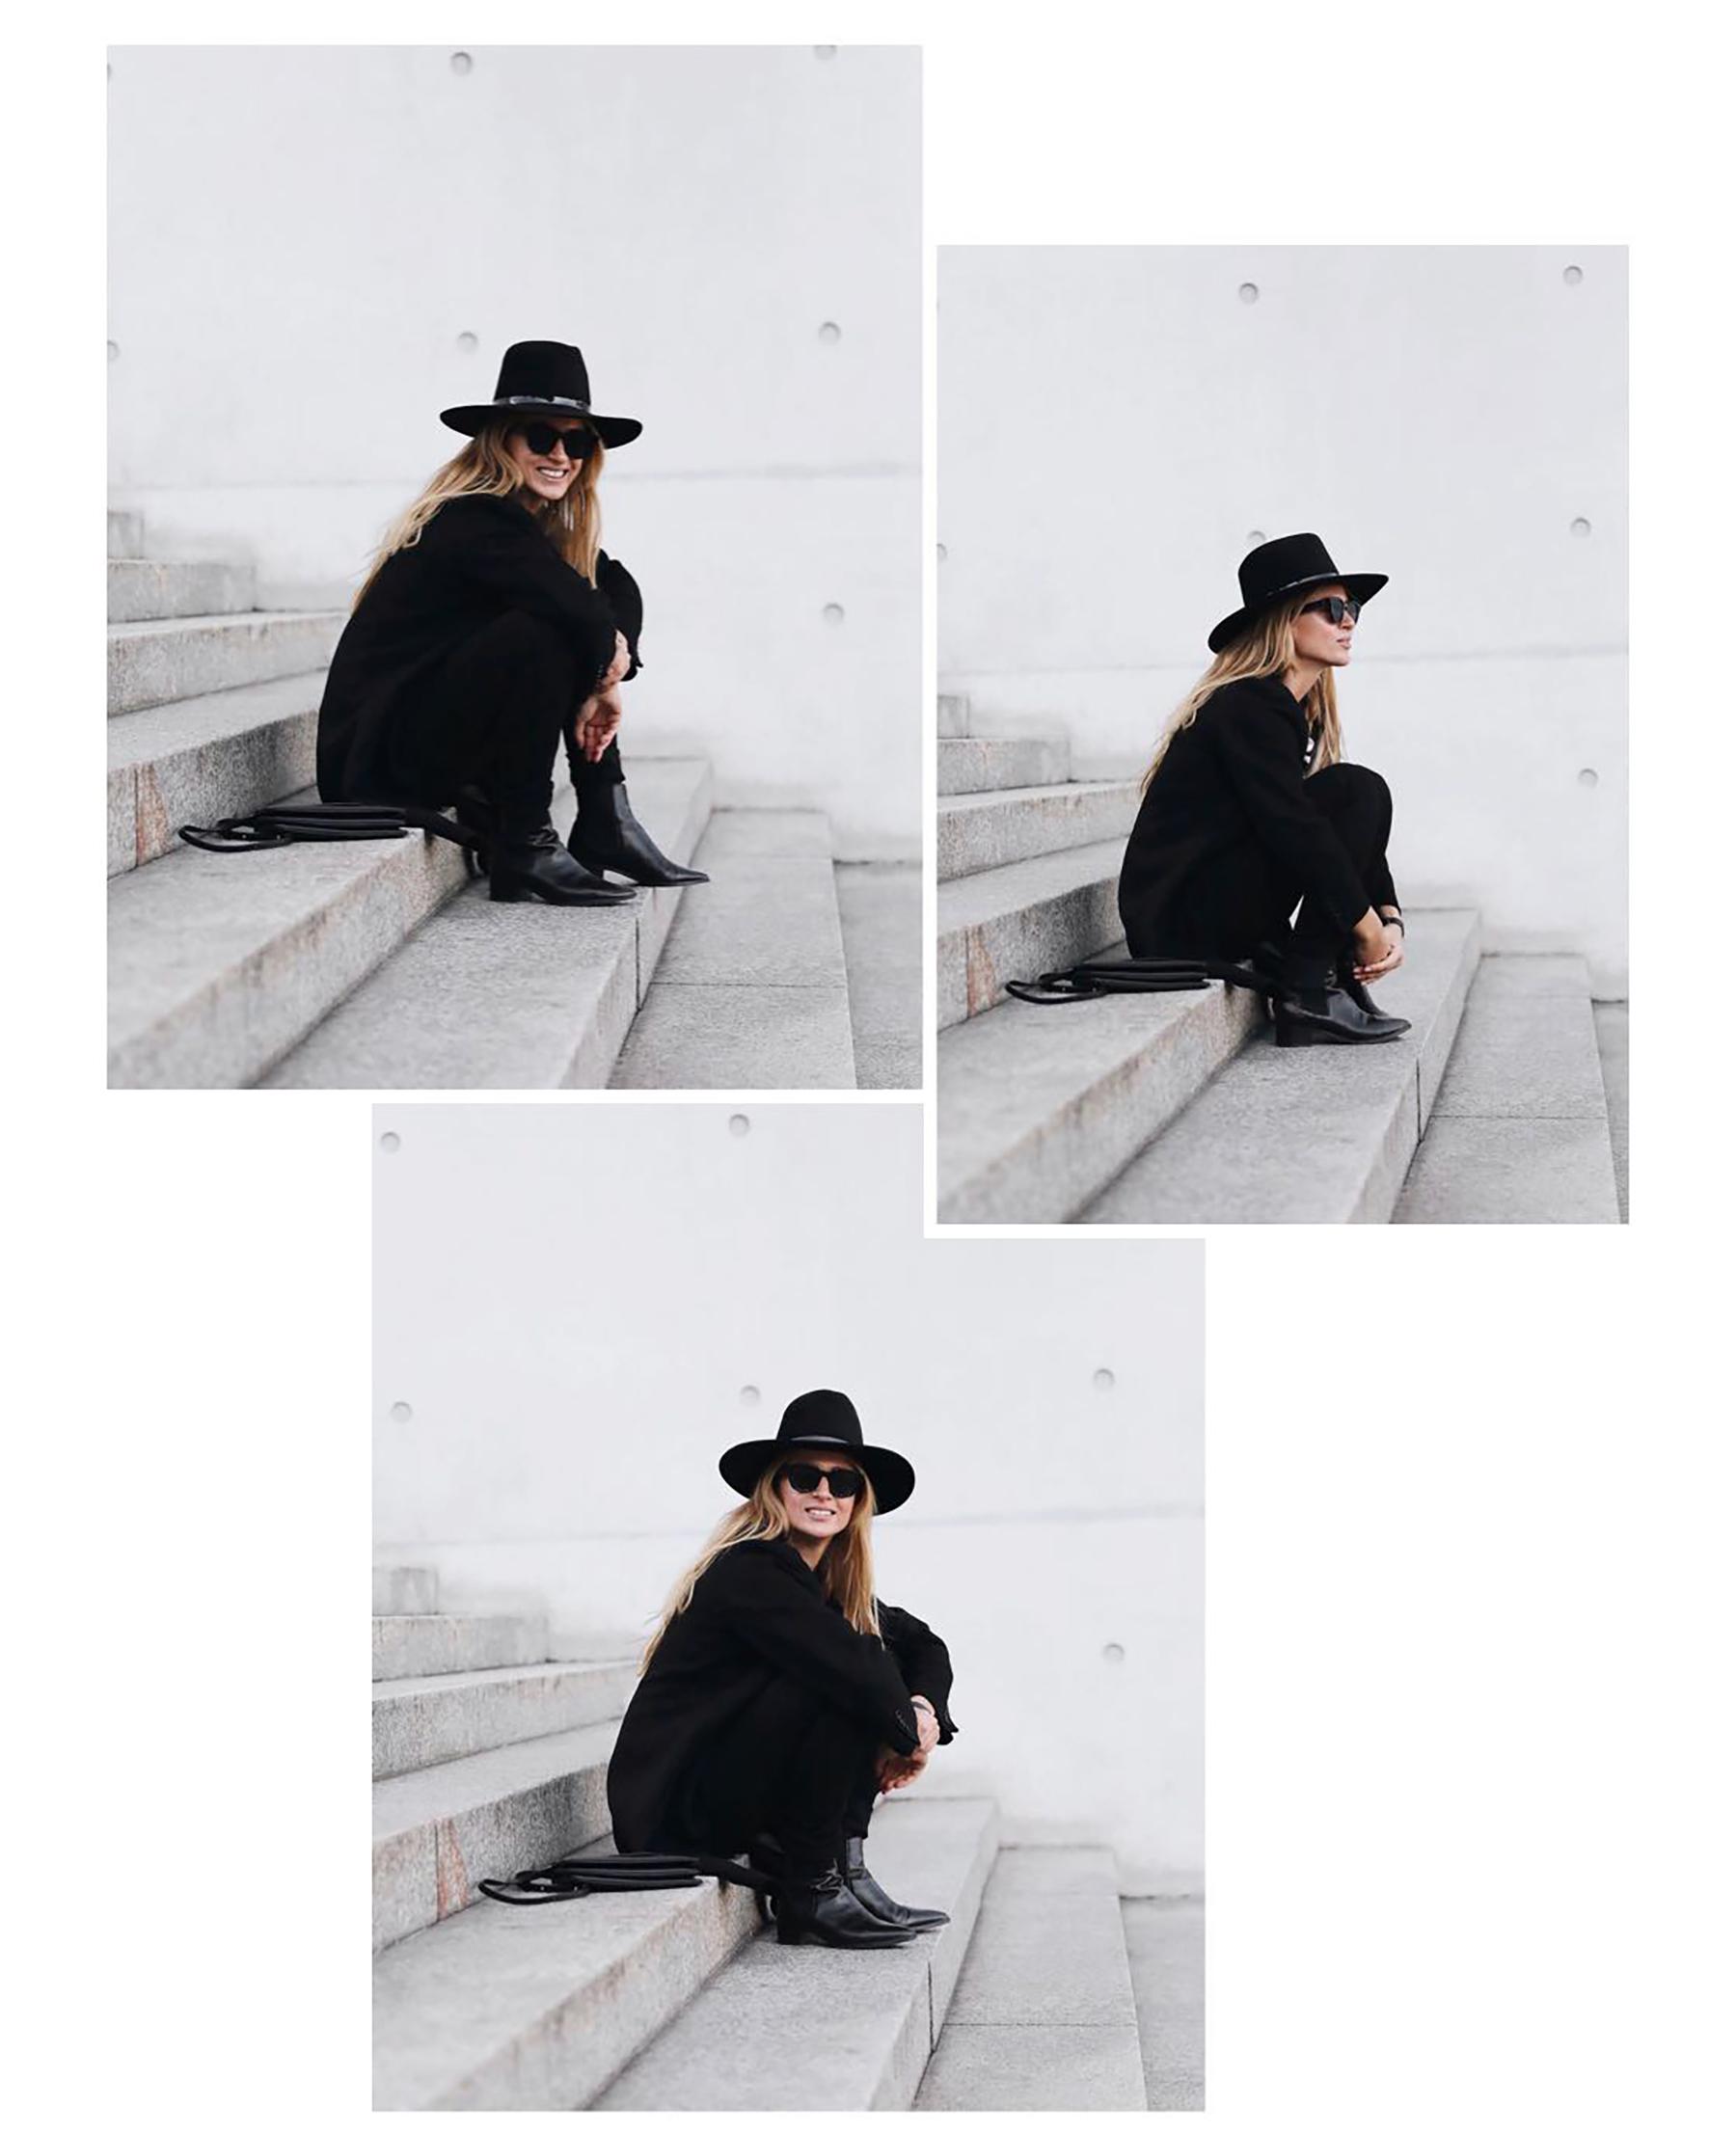 MIJA_STRIPEDTOP_7